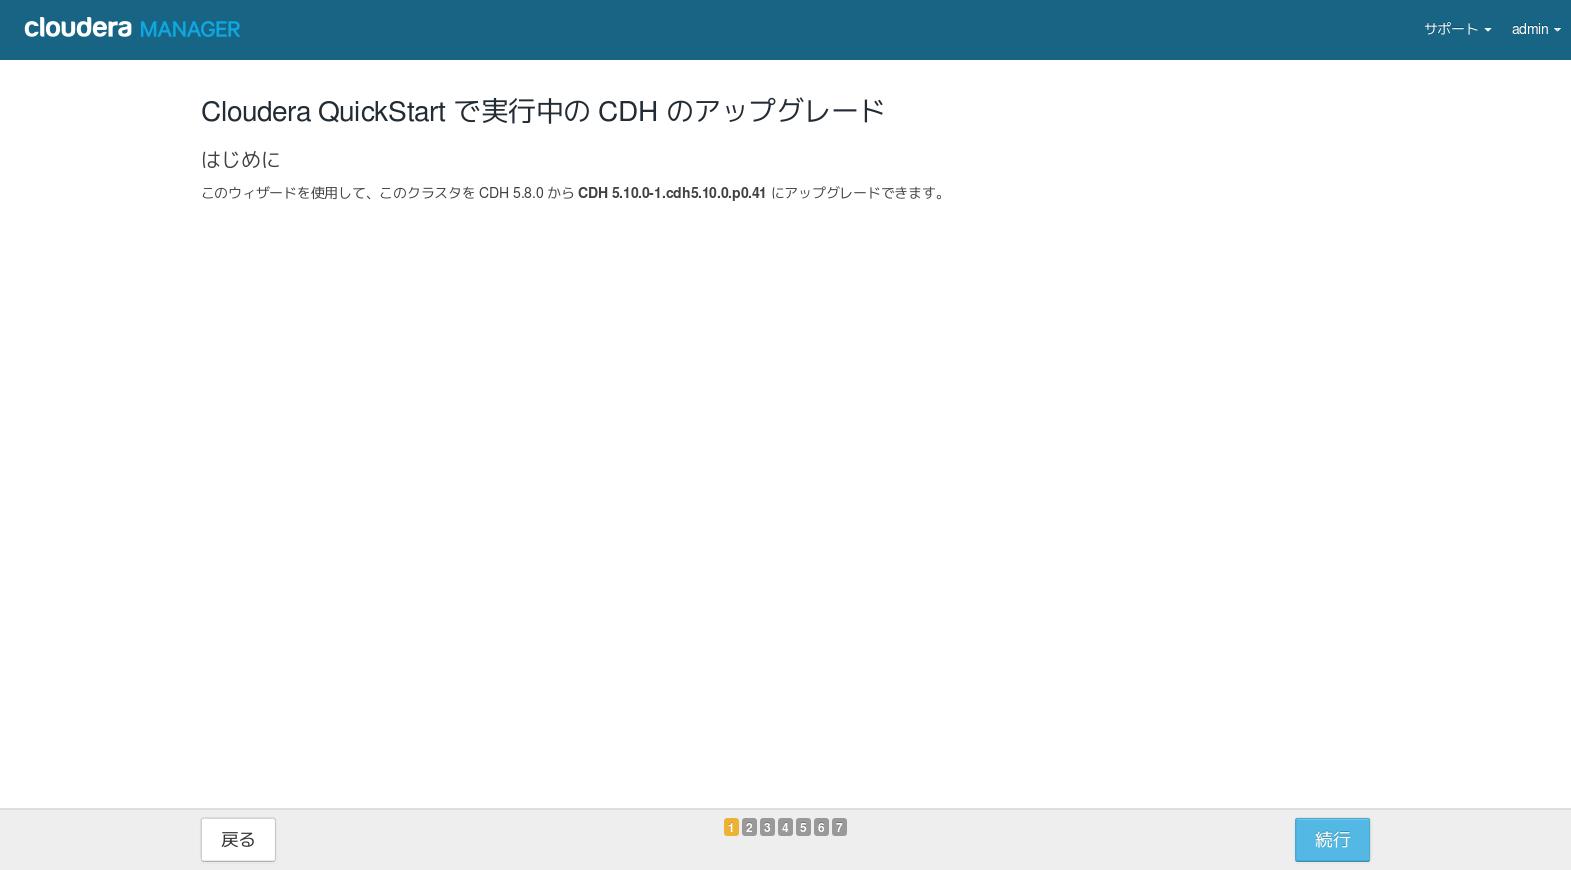 FireShot Capture 027 - Cloudera Quick__ - http___quickstart.cloudera_7180_cm.png